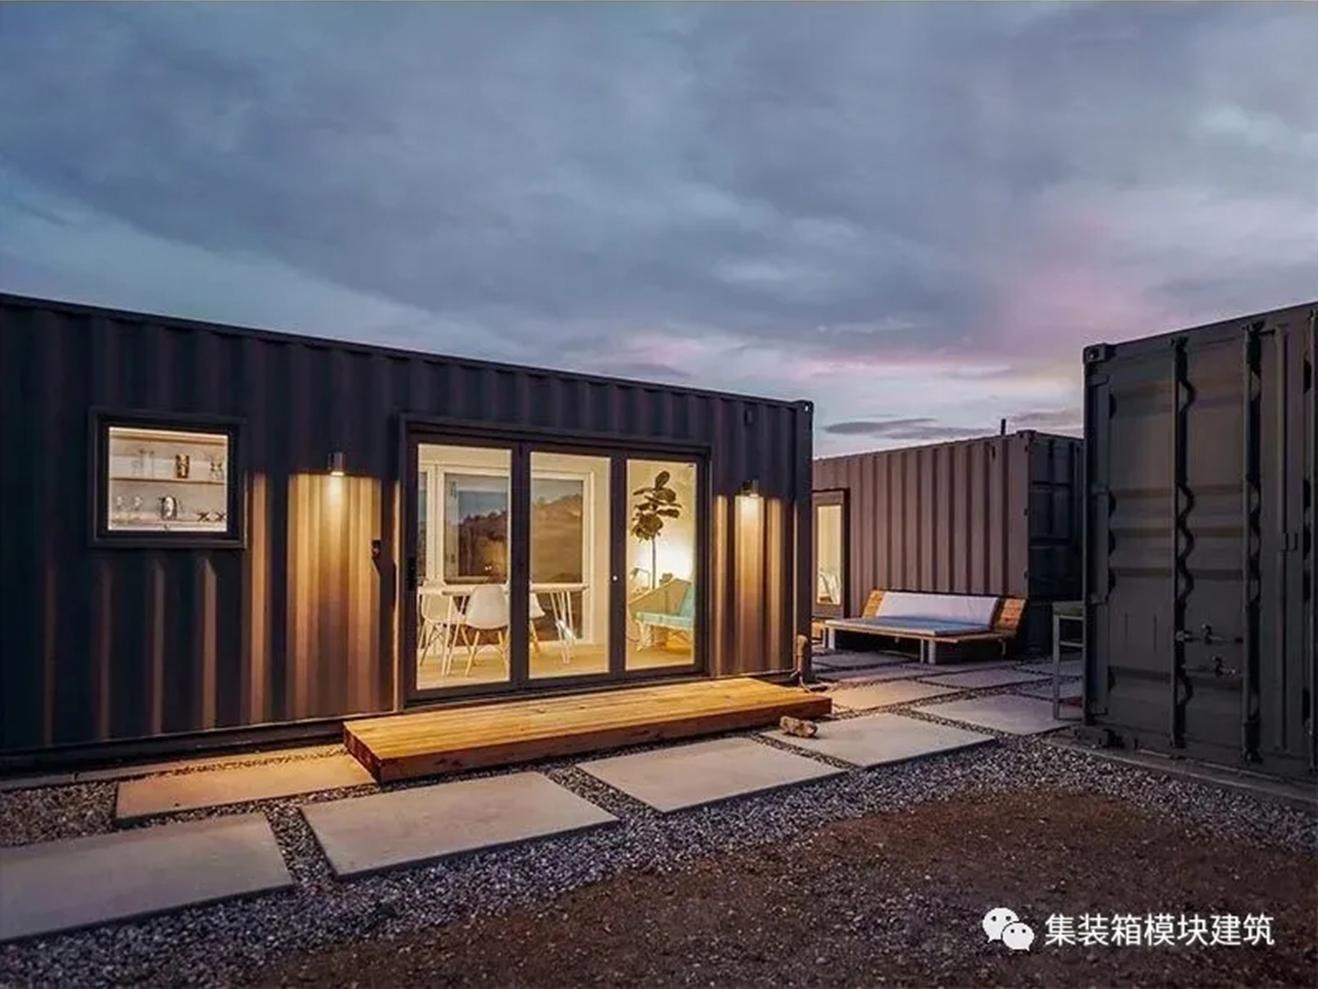 集装箱坚固、耐用的结构对沙漠生活轻松诠释!